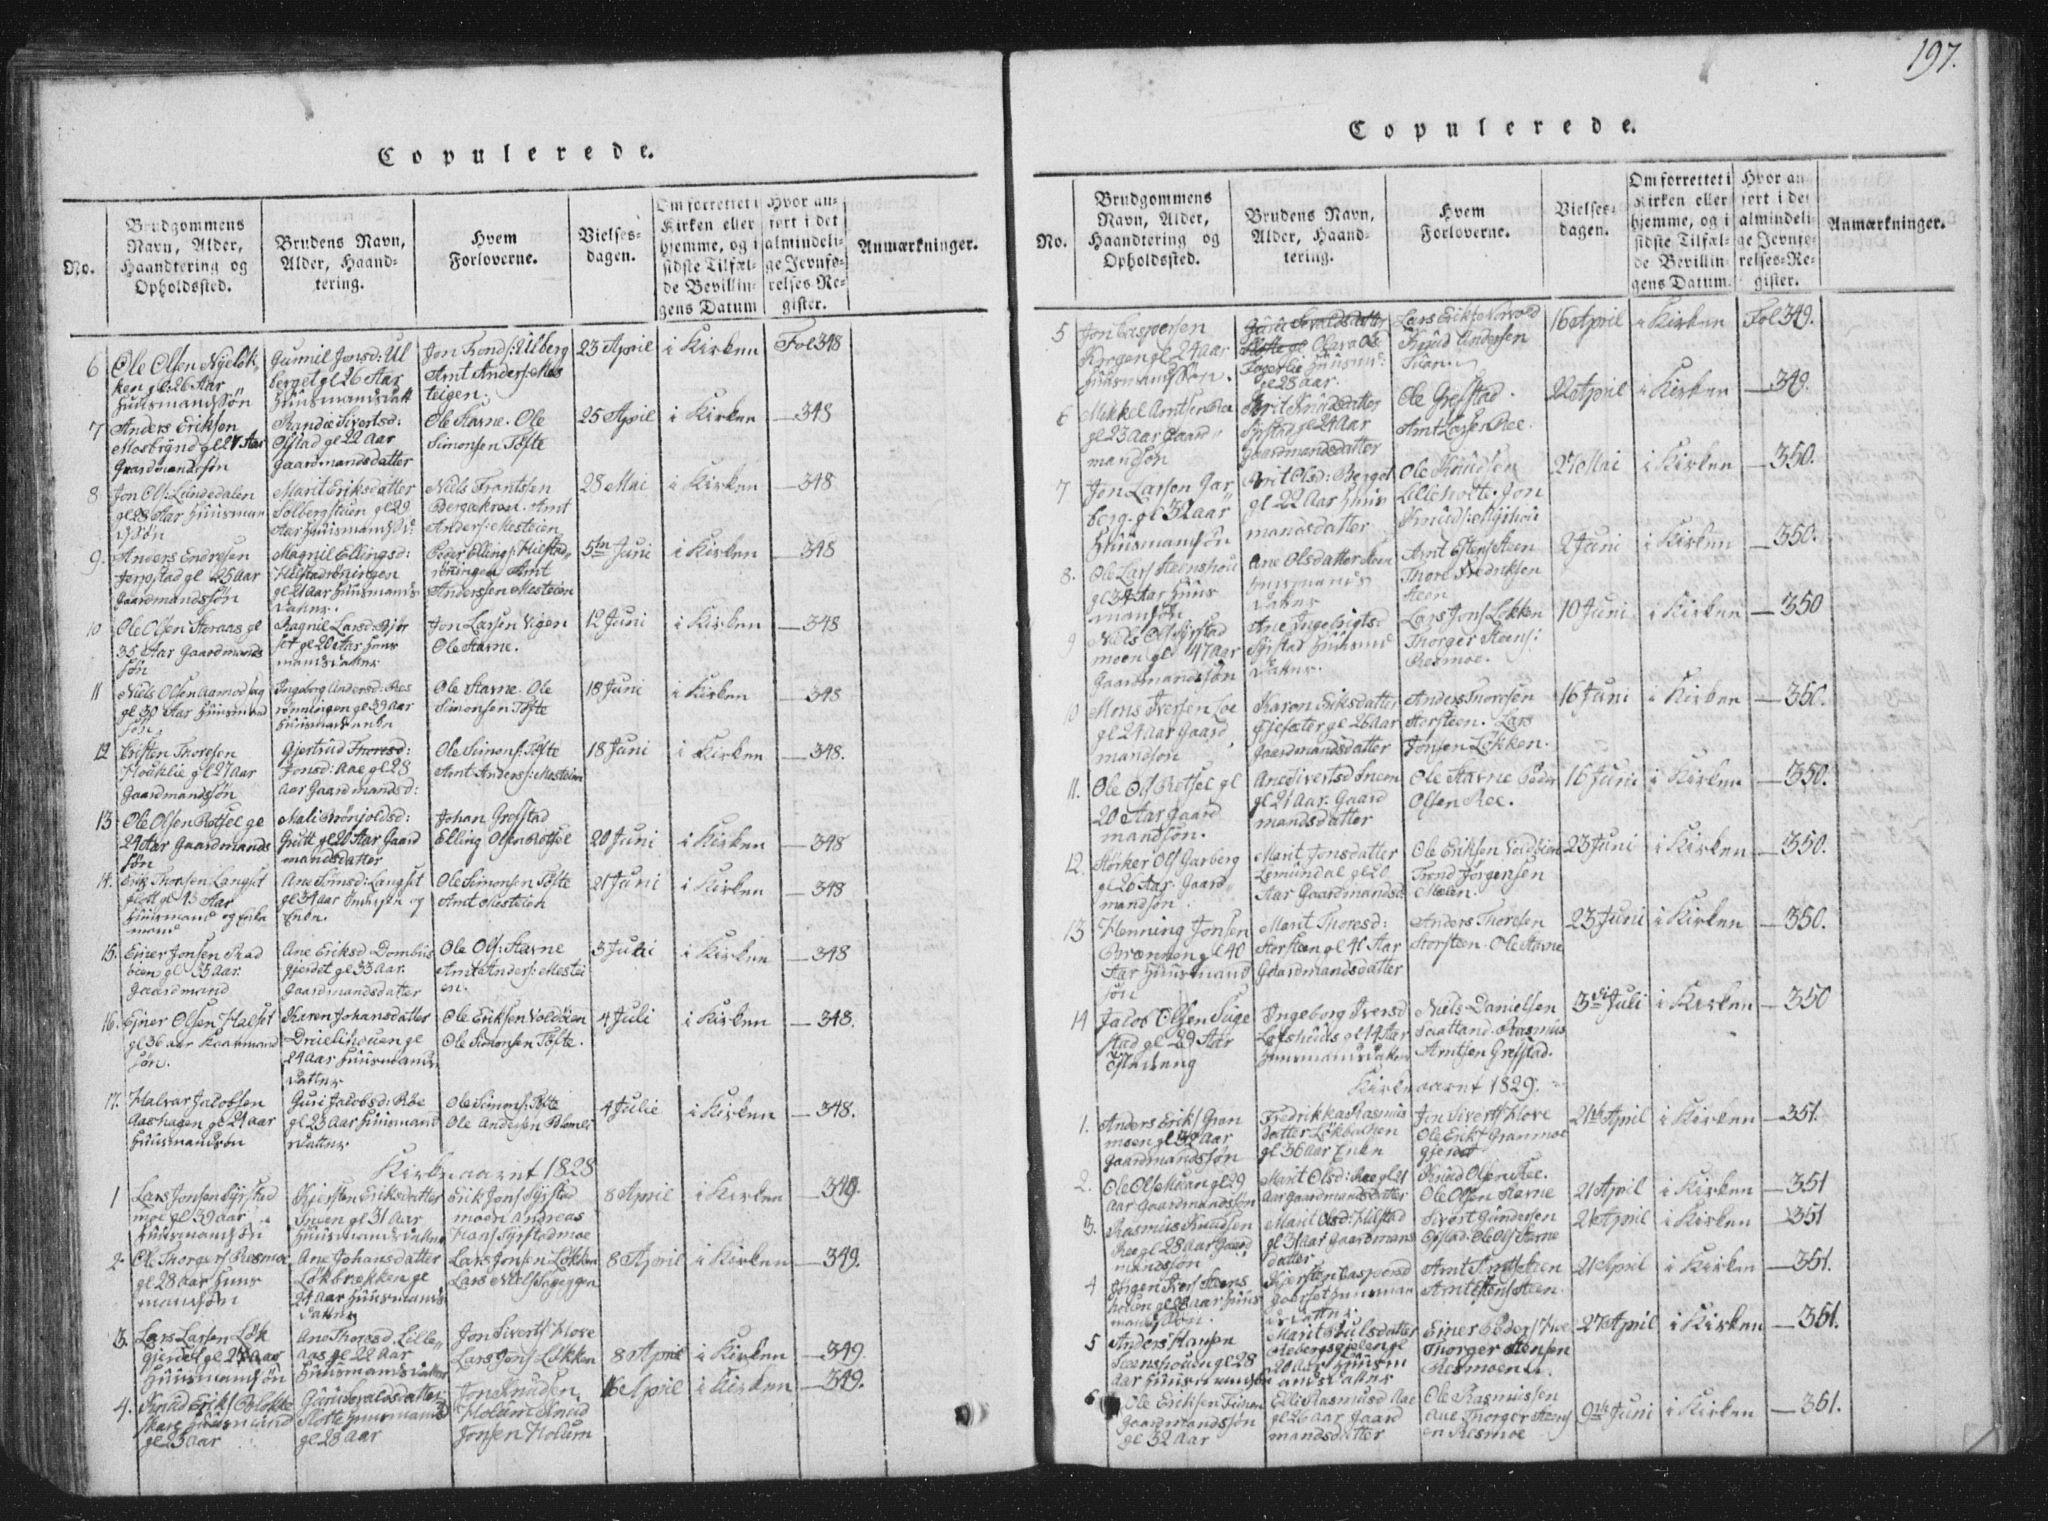 SAT, Ministerialprotokoller, klokkerbøker og fødselsregistre - Sør-Trøndelag, 672/L0862: Klokkerbok nr. 672C01, 1816-1831, s. 197